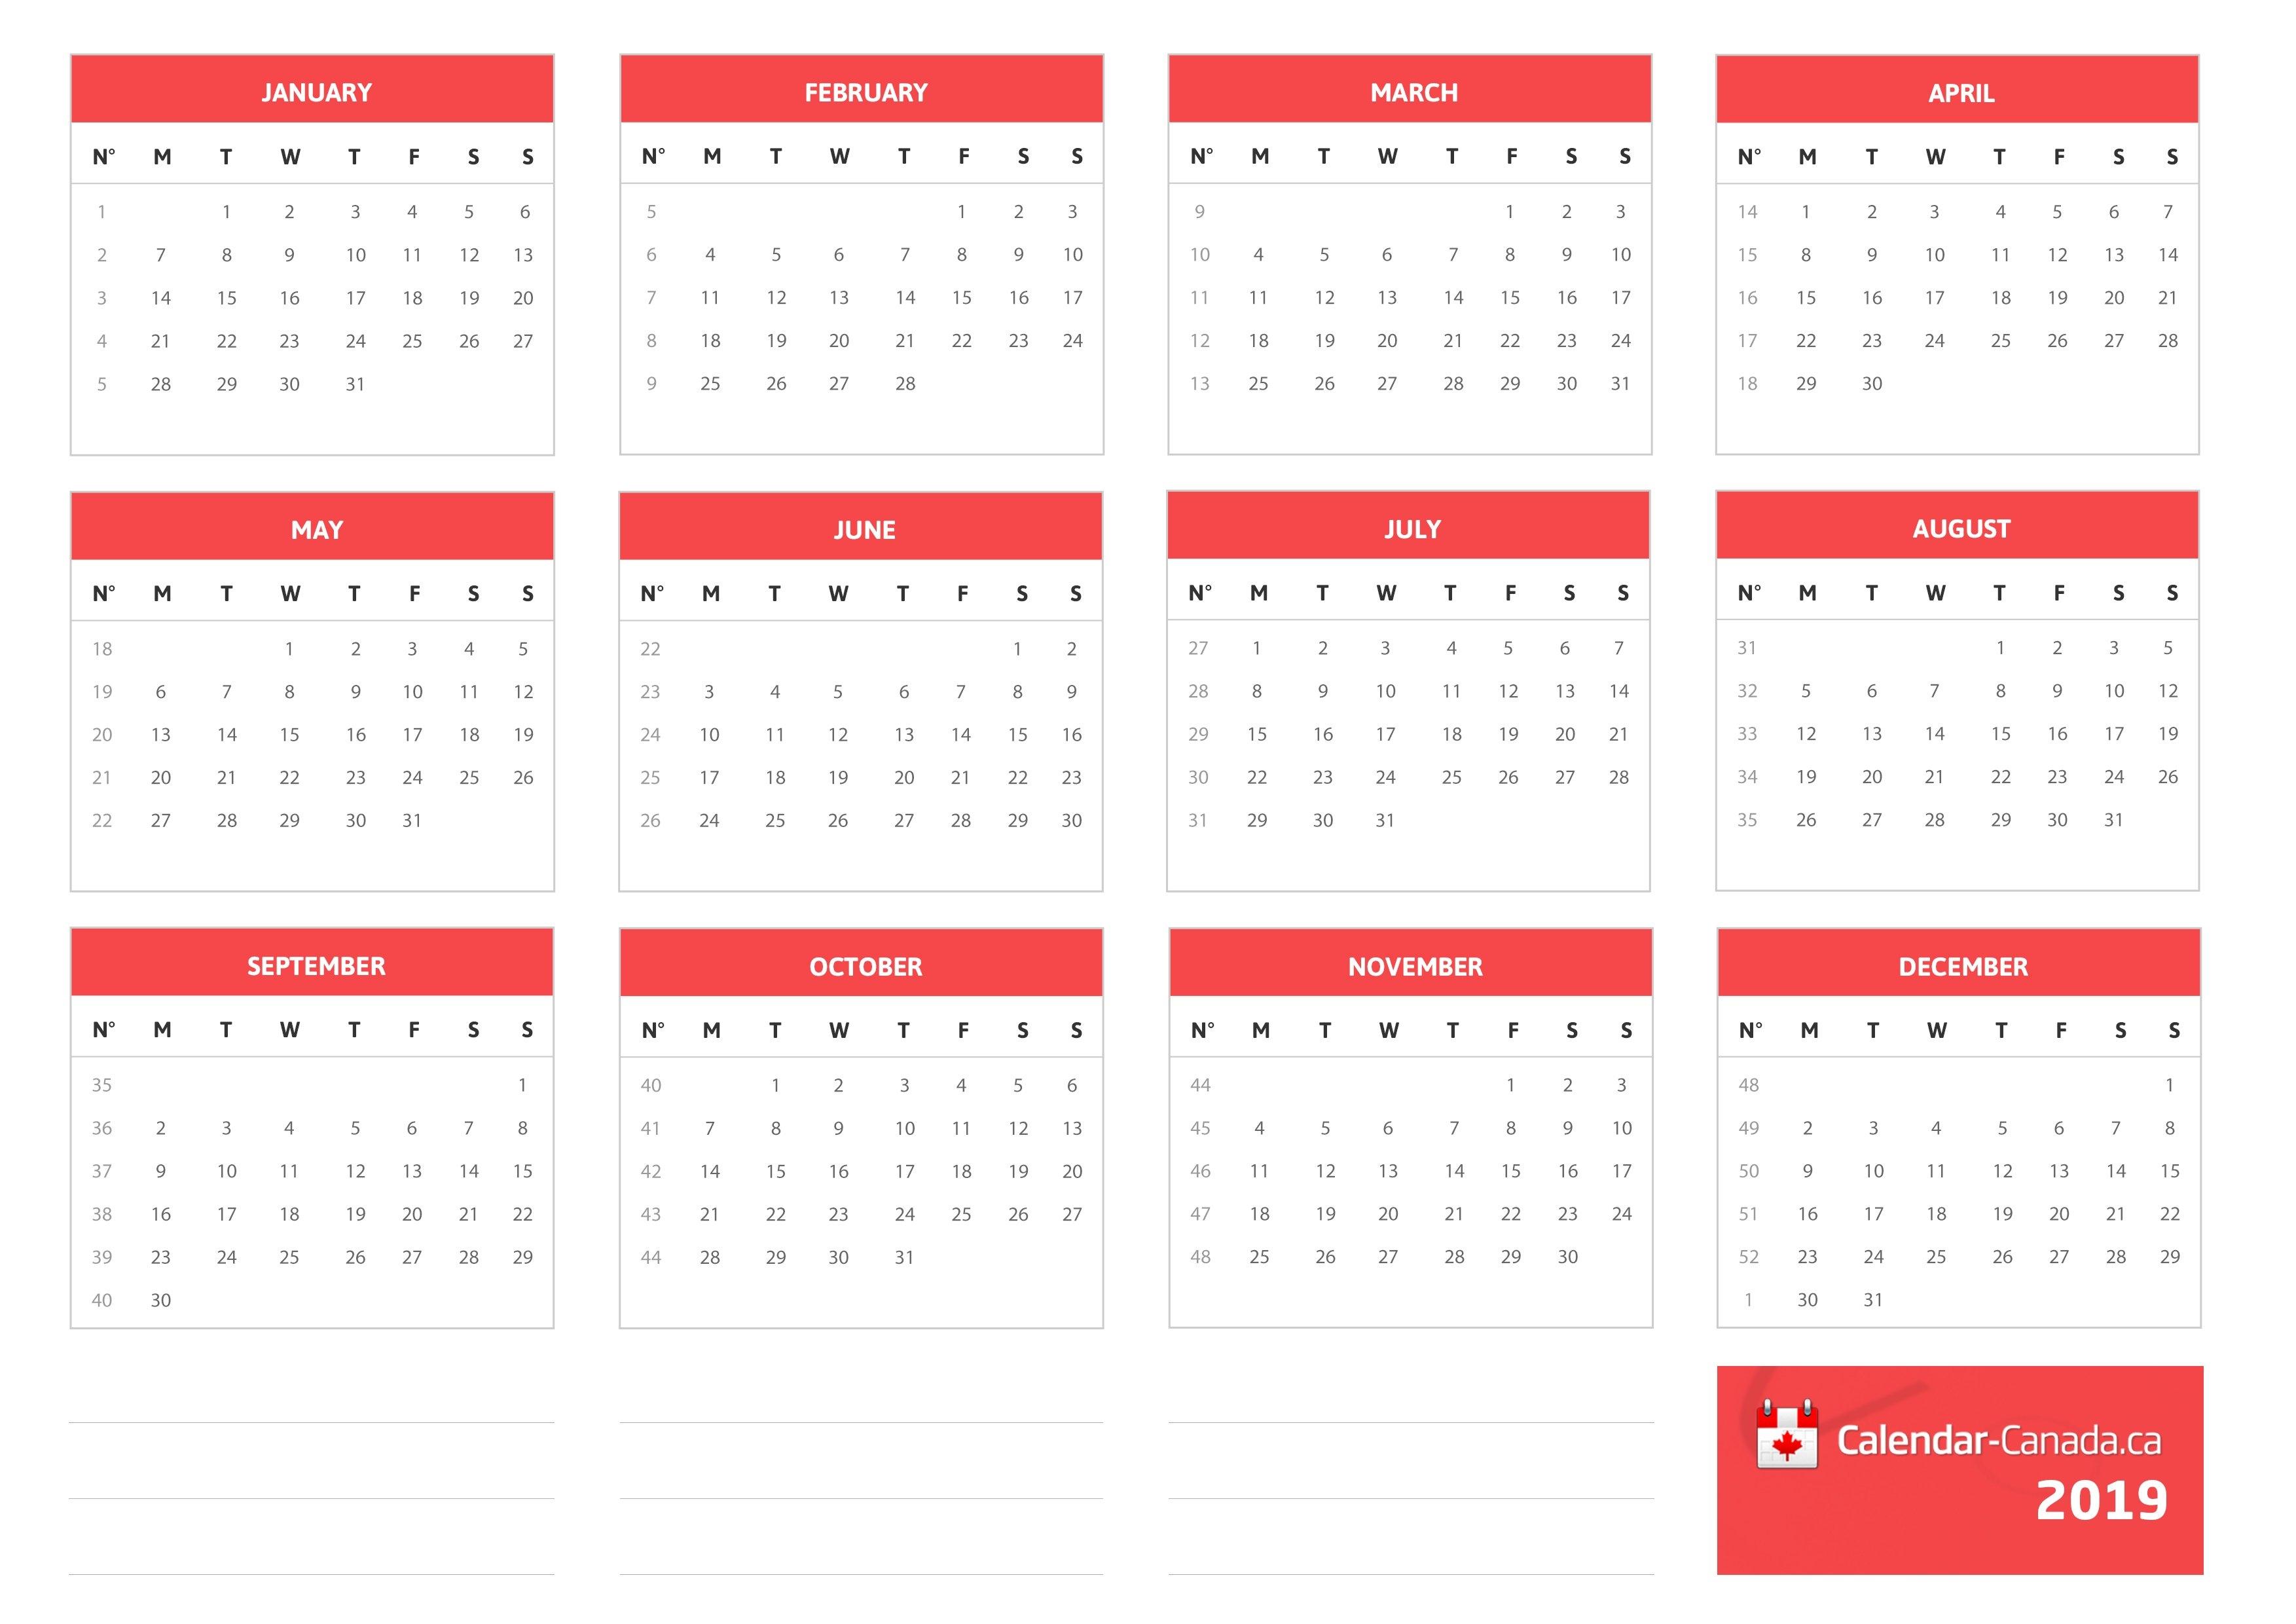 Calendar-Canada.ca Free Calendar With All Important Dates For Canada Calendar Of 2019 Canada